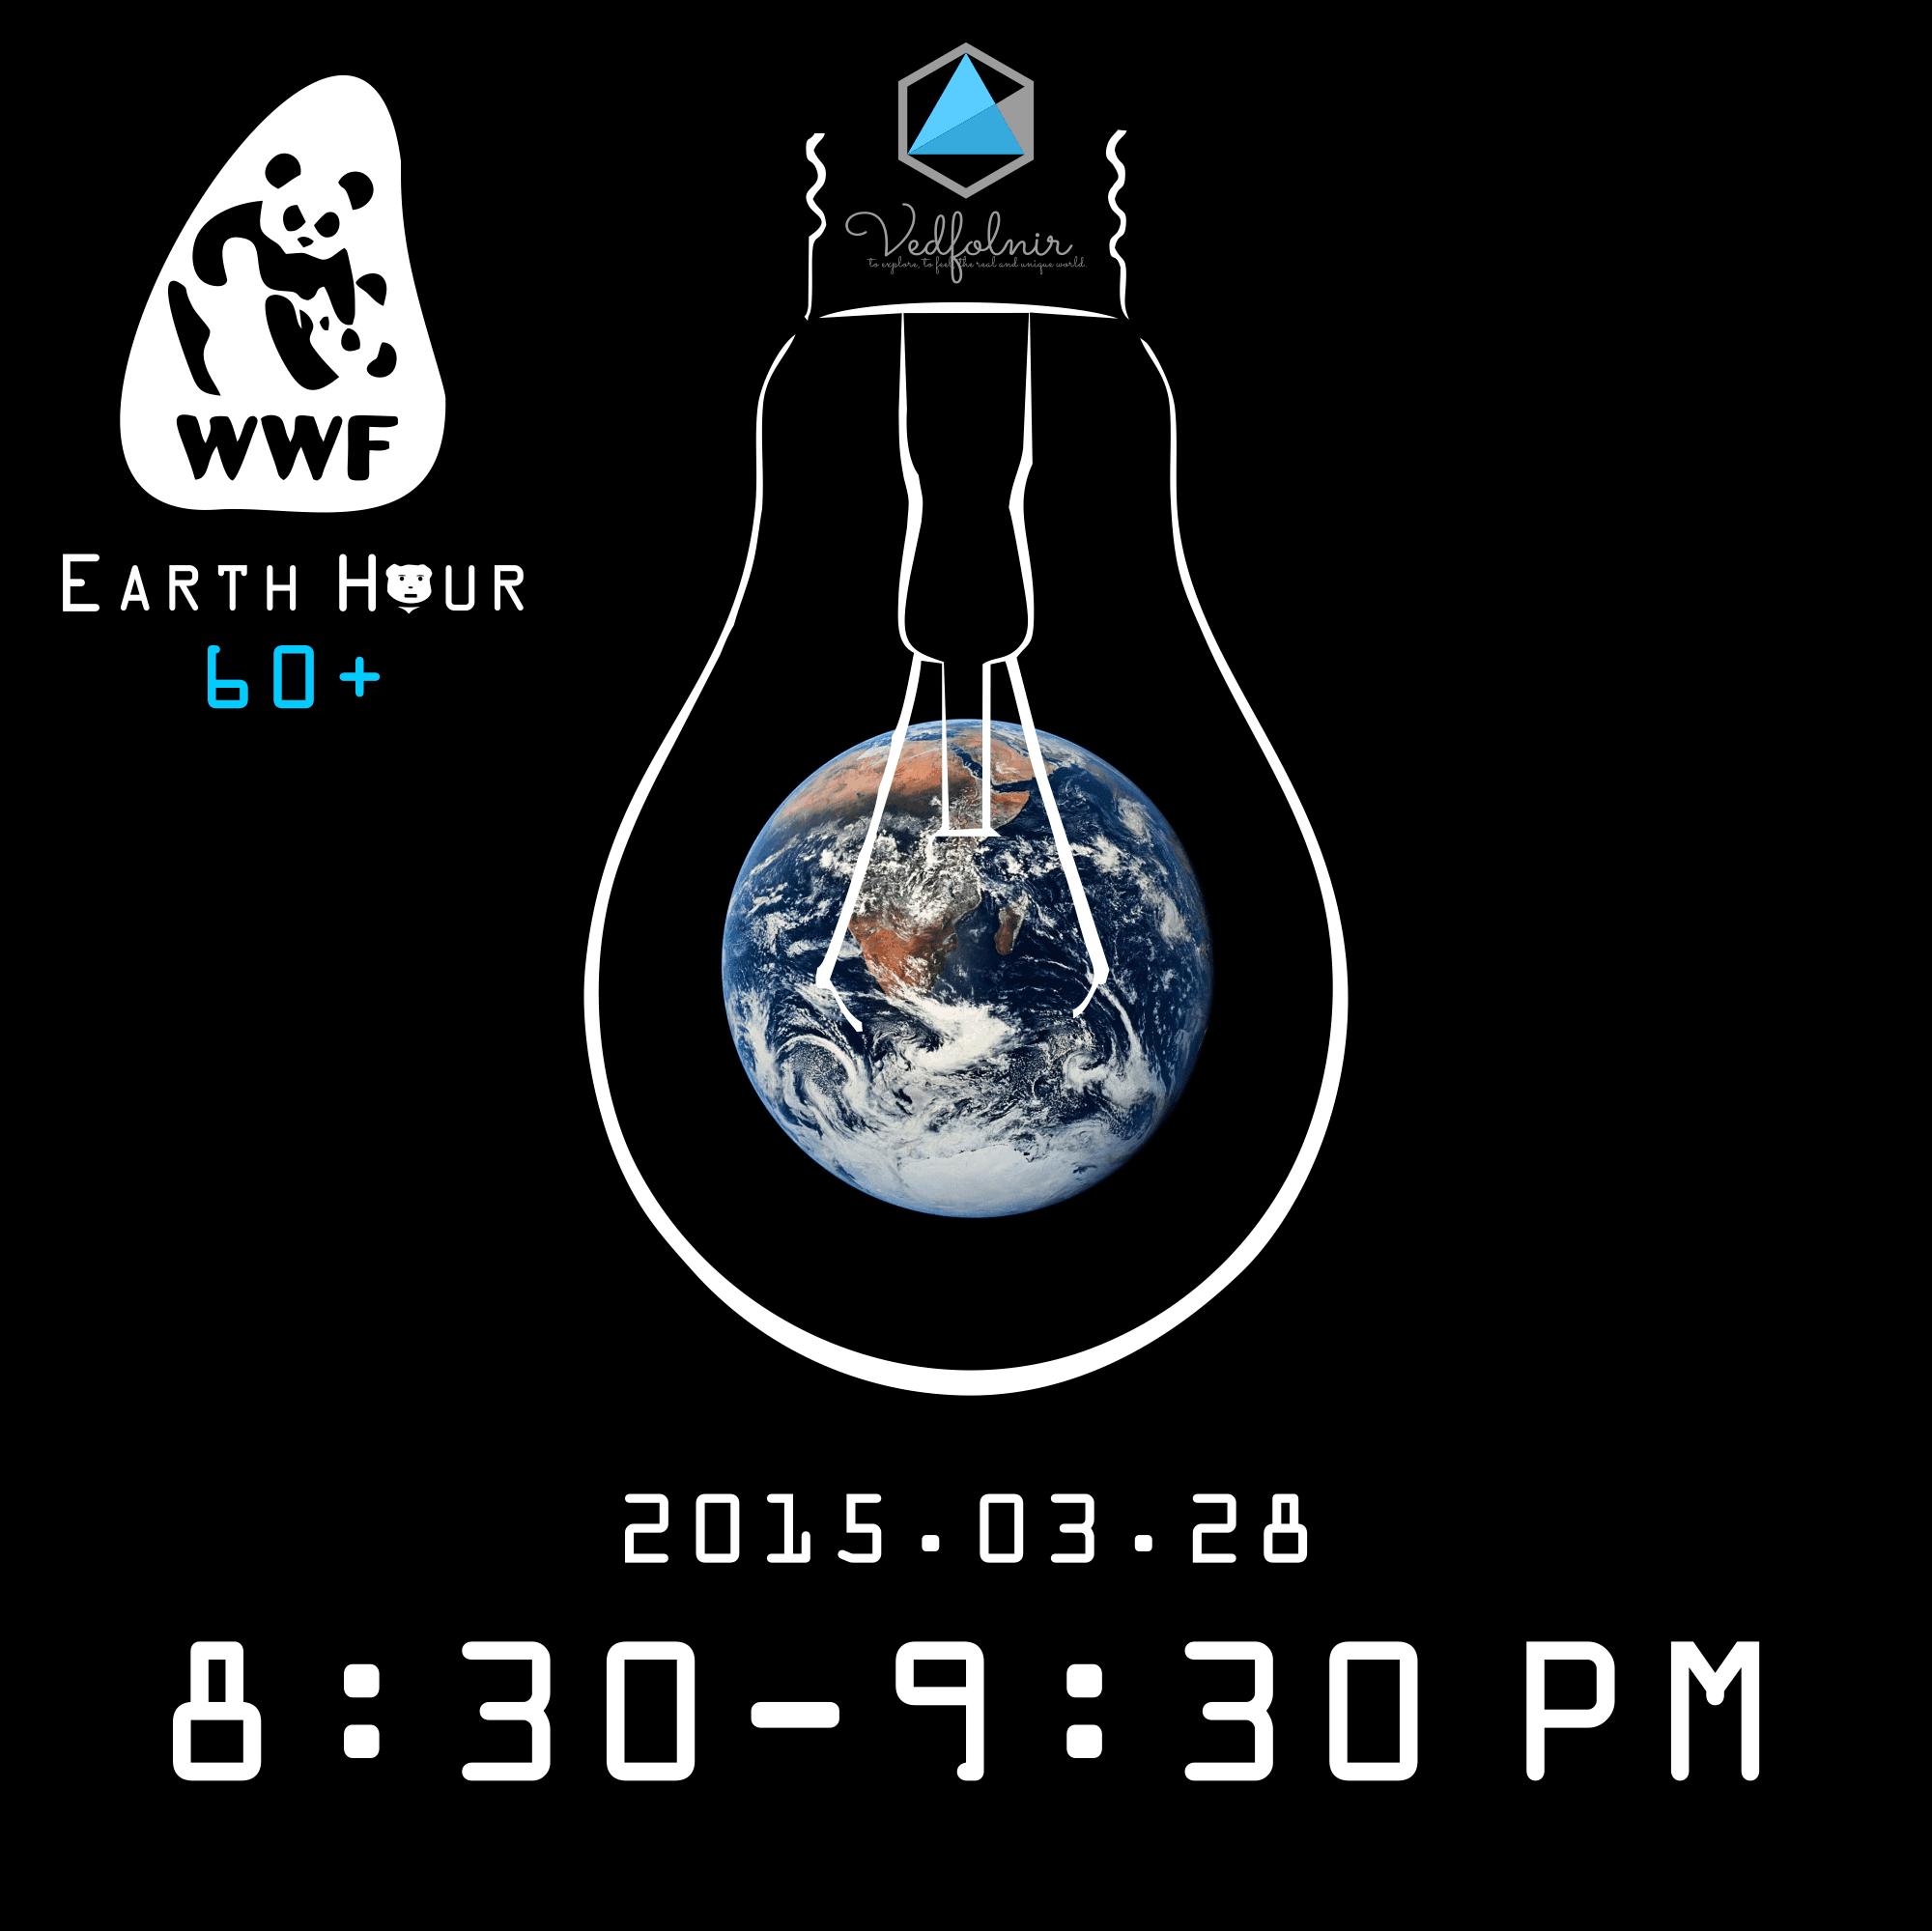 Earth_Hour_2015_地球一小時_60_Plur_V熊_Vedfolnir_Designed